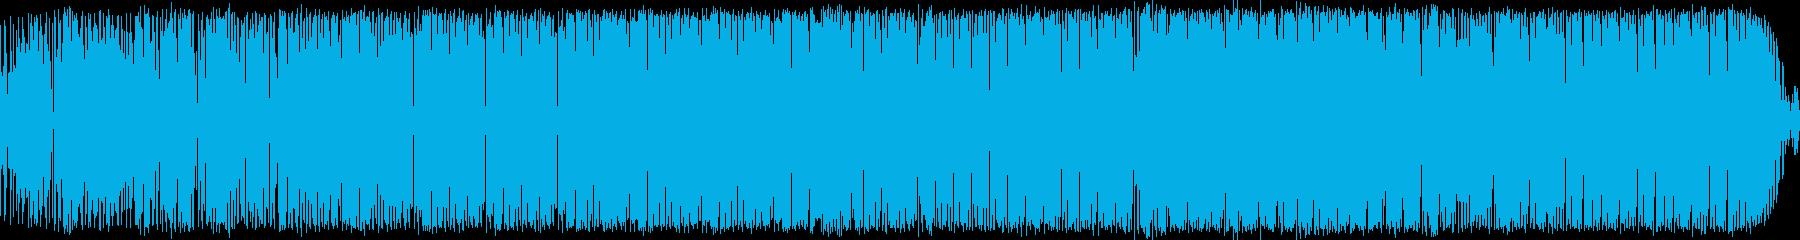 軽快なビートのダンスMUSICの再生済みの波形